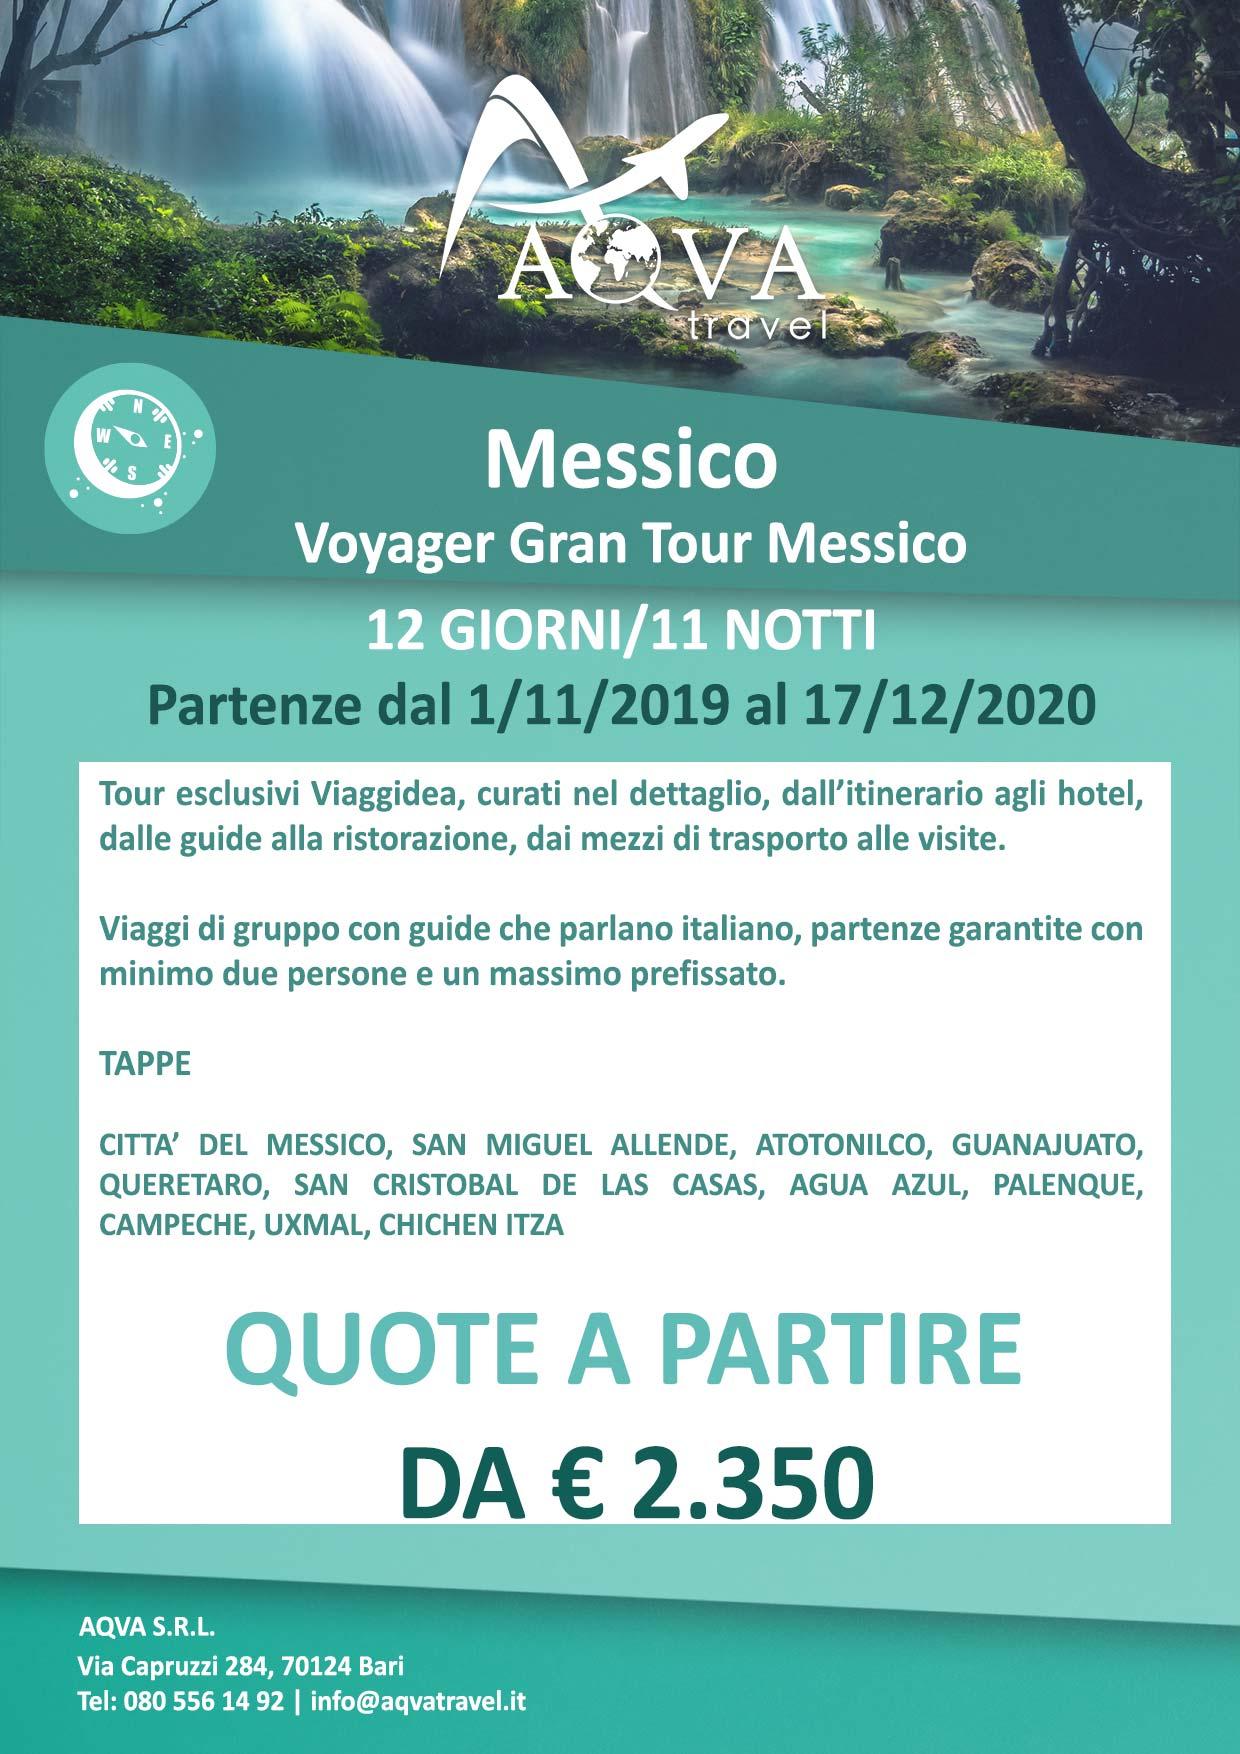 Gran-Tour-Messico-Avventura-offerte-agenzia-di-viaggi-Bari-AQVATRAVEL-itGran-Tour-Messico-Avventura-offerte-agenzia-di-viaggi-Bari-AQVATRAVEL-it